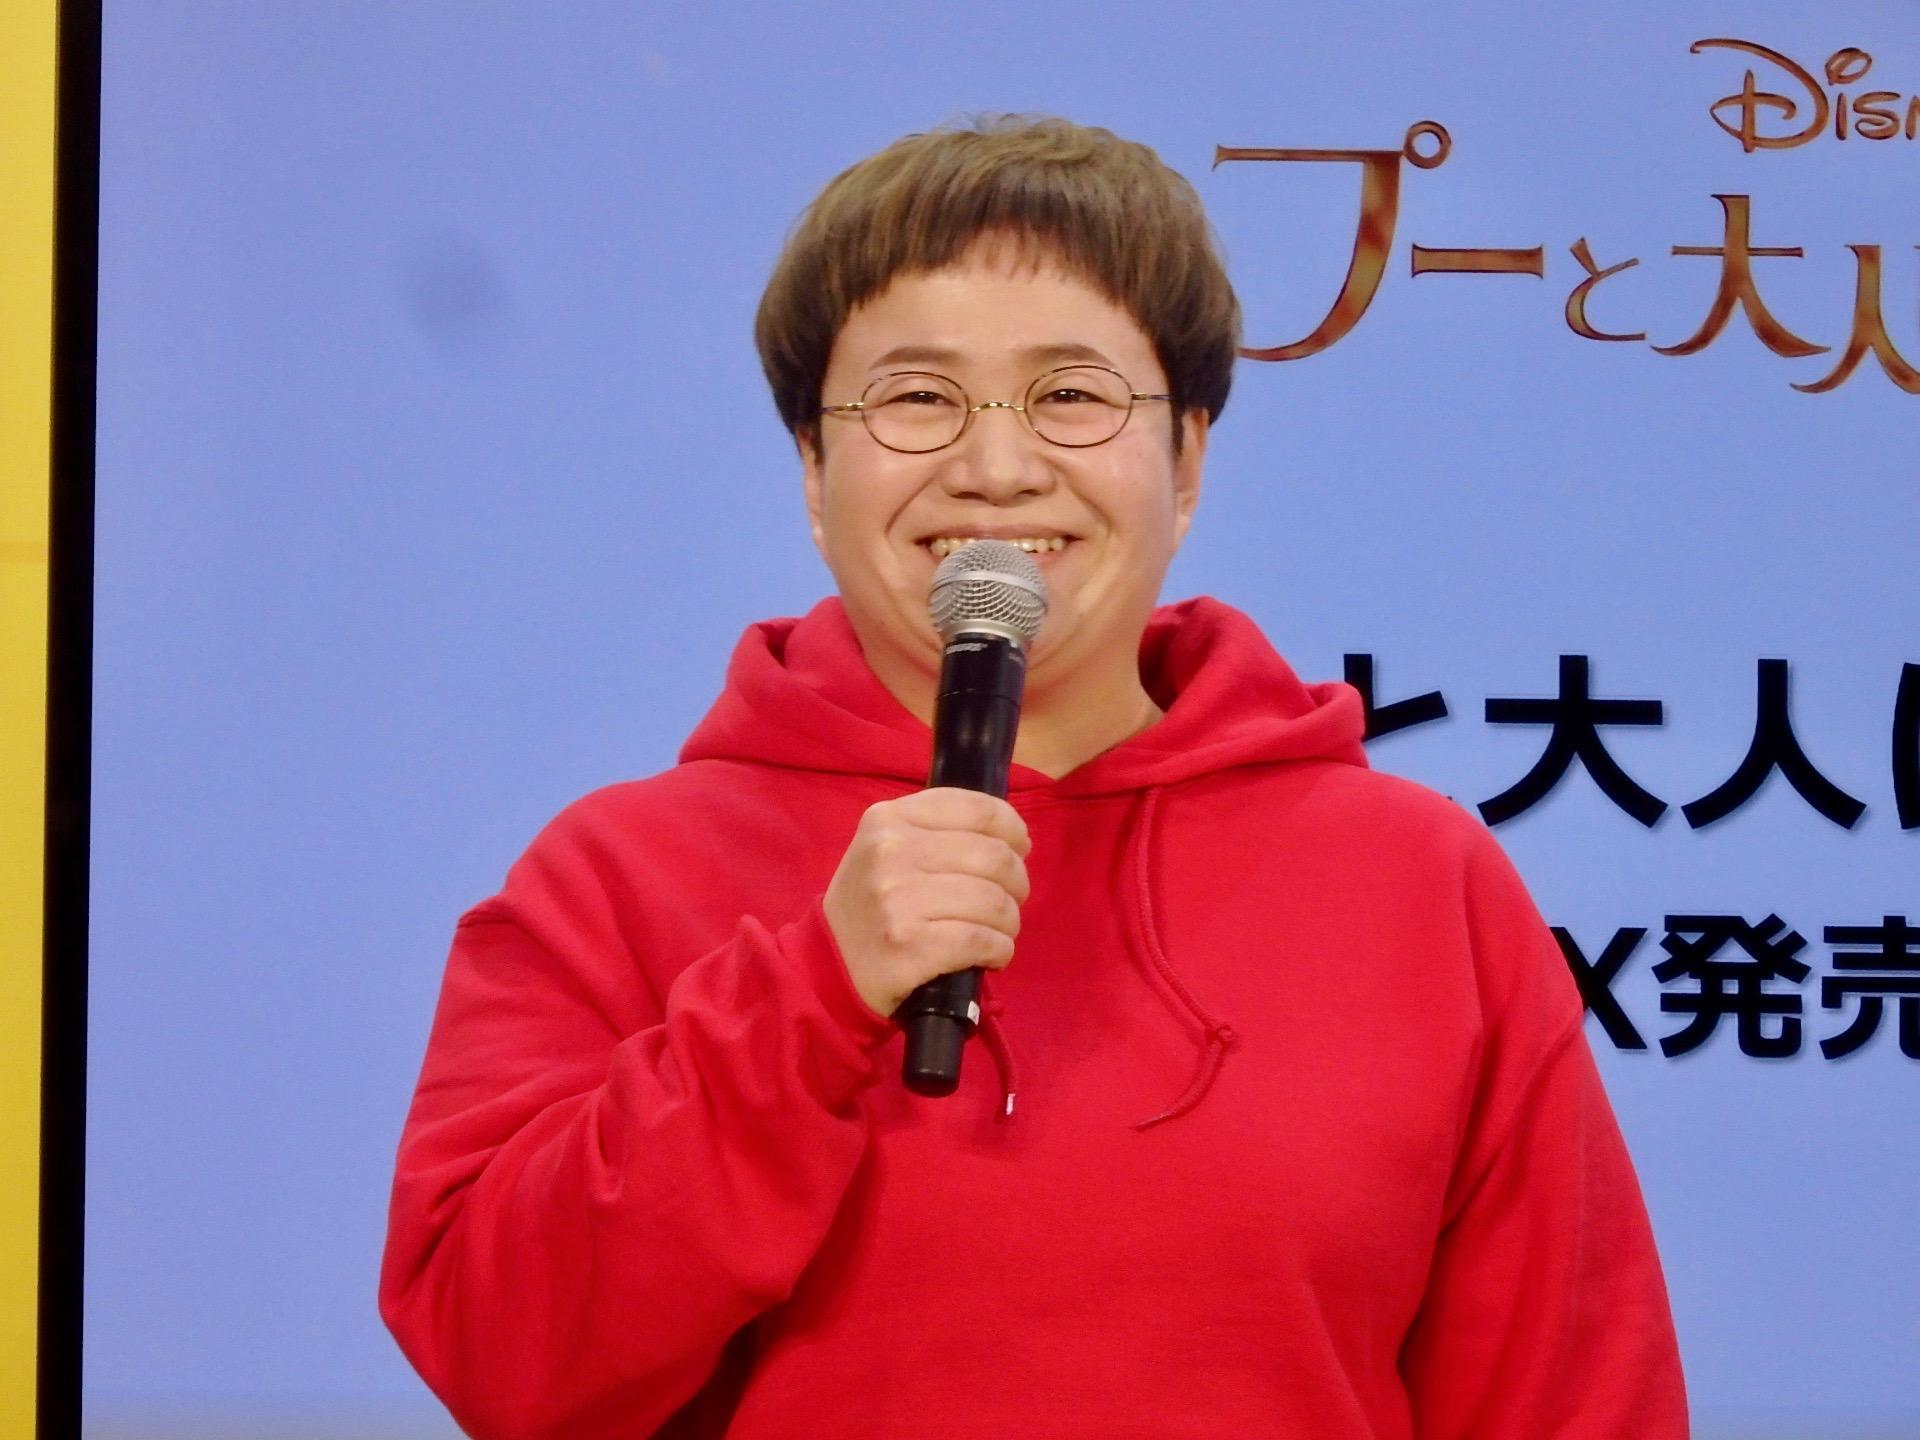 http://news.yoshimoto.co.jp/20181207005356-c4704b79c5ca7698a25d10f38cd8f0cdf33cf7d4.jpeg